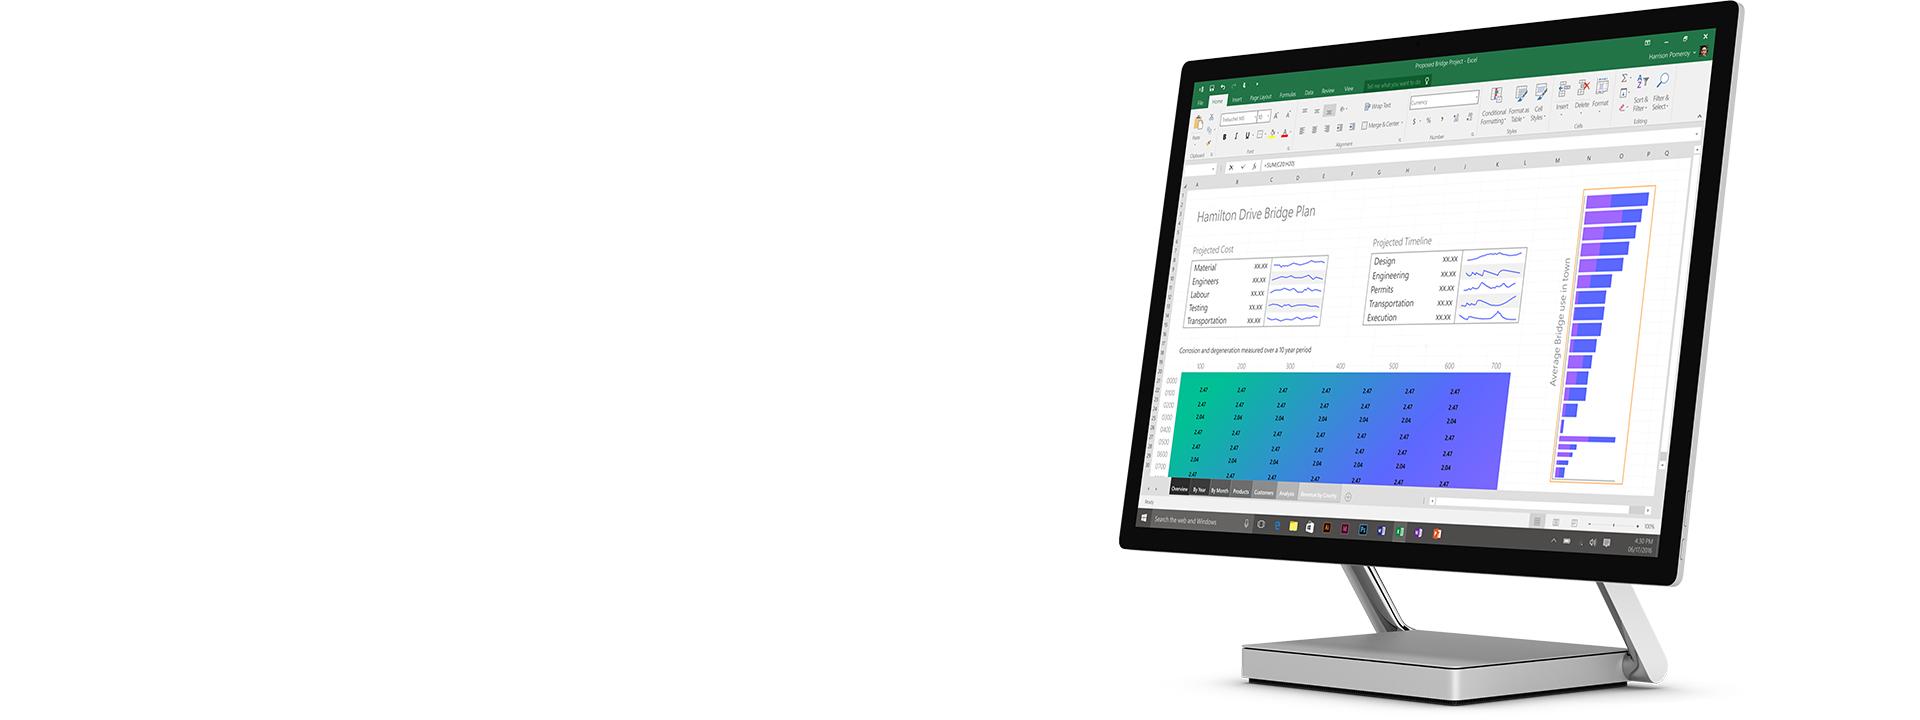 Surface Studio i skrivebordstilstand med Excel-regneark åben på skærmen